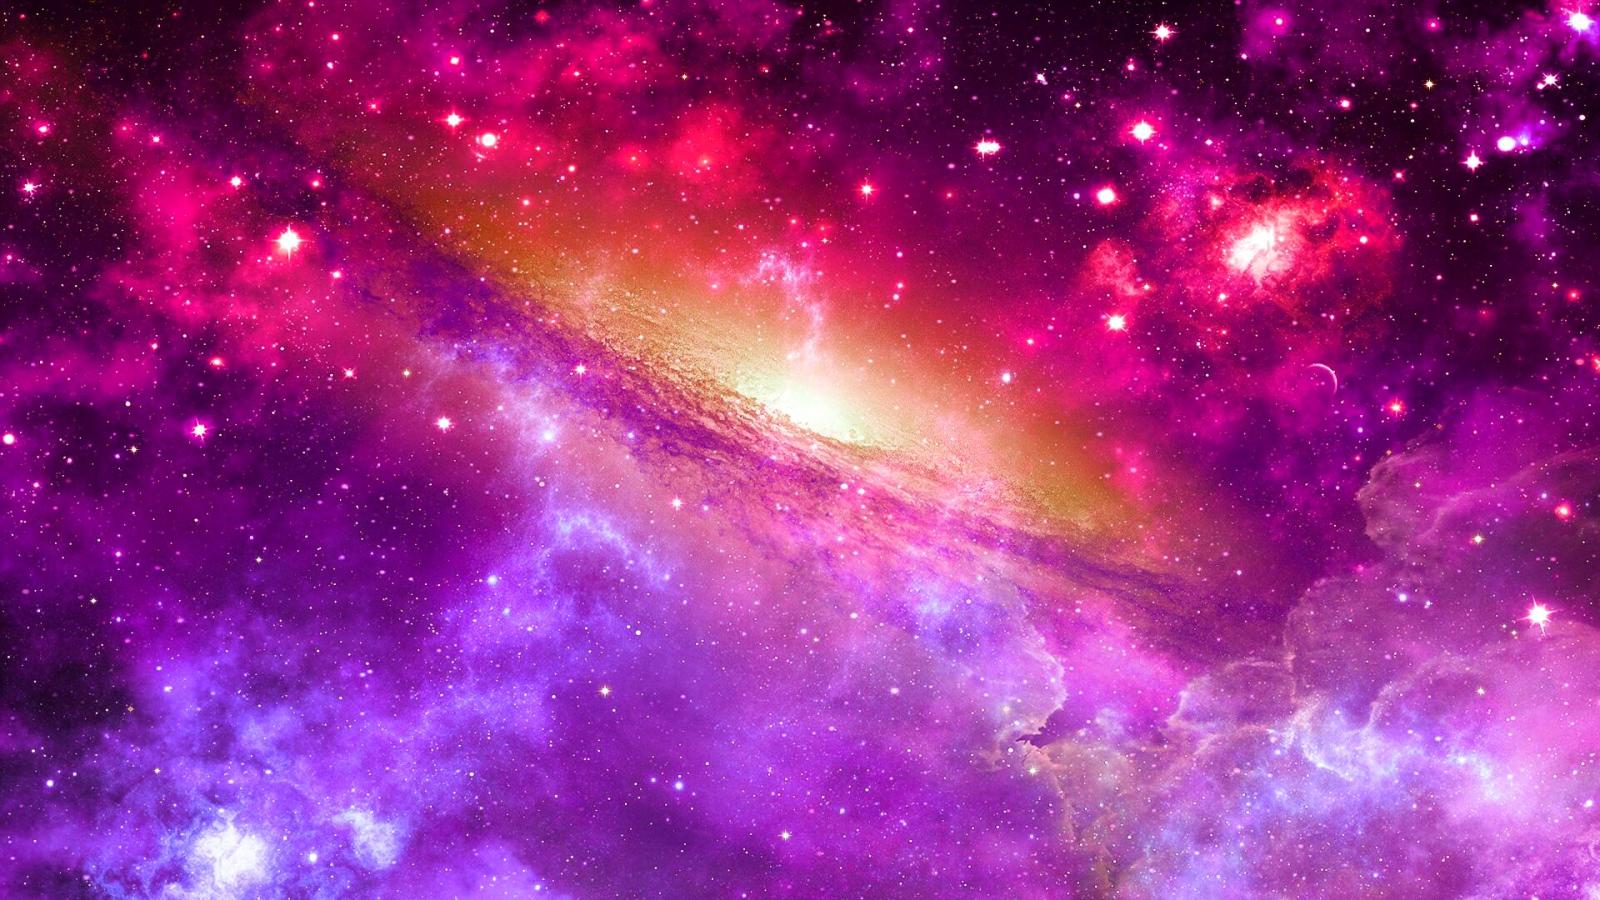 Galaxy Through a Nebula